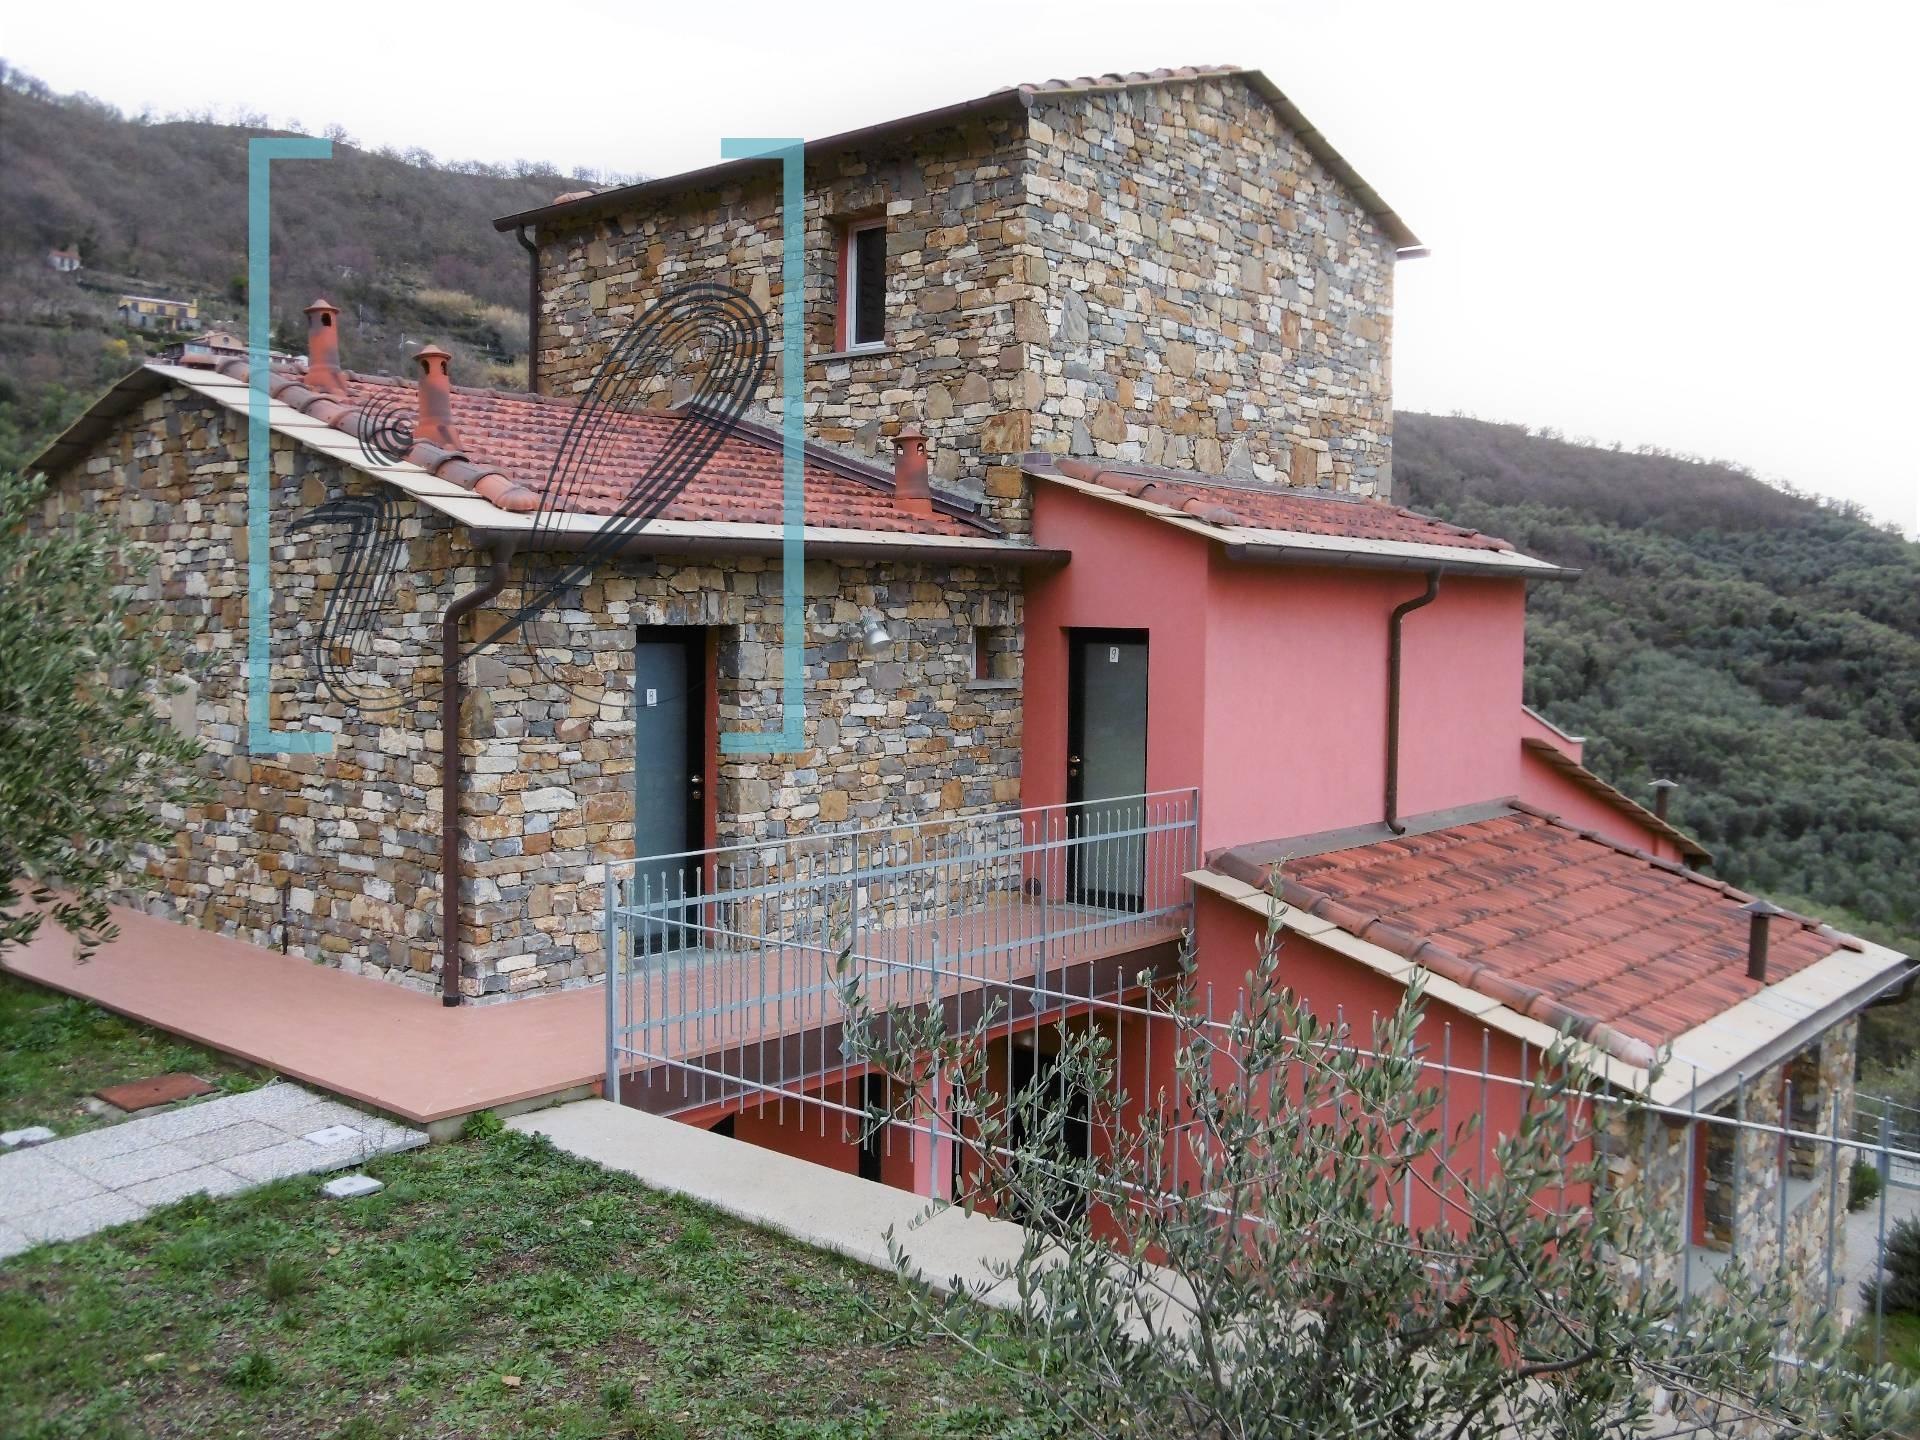 Appartamento in vendita a Vasia, 2 locali, prezzo € 99.000 | CambioCasa.it